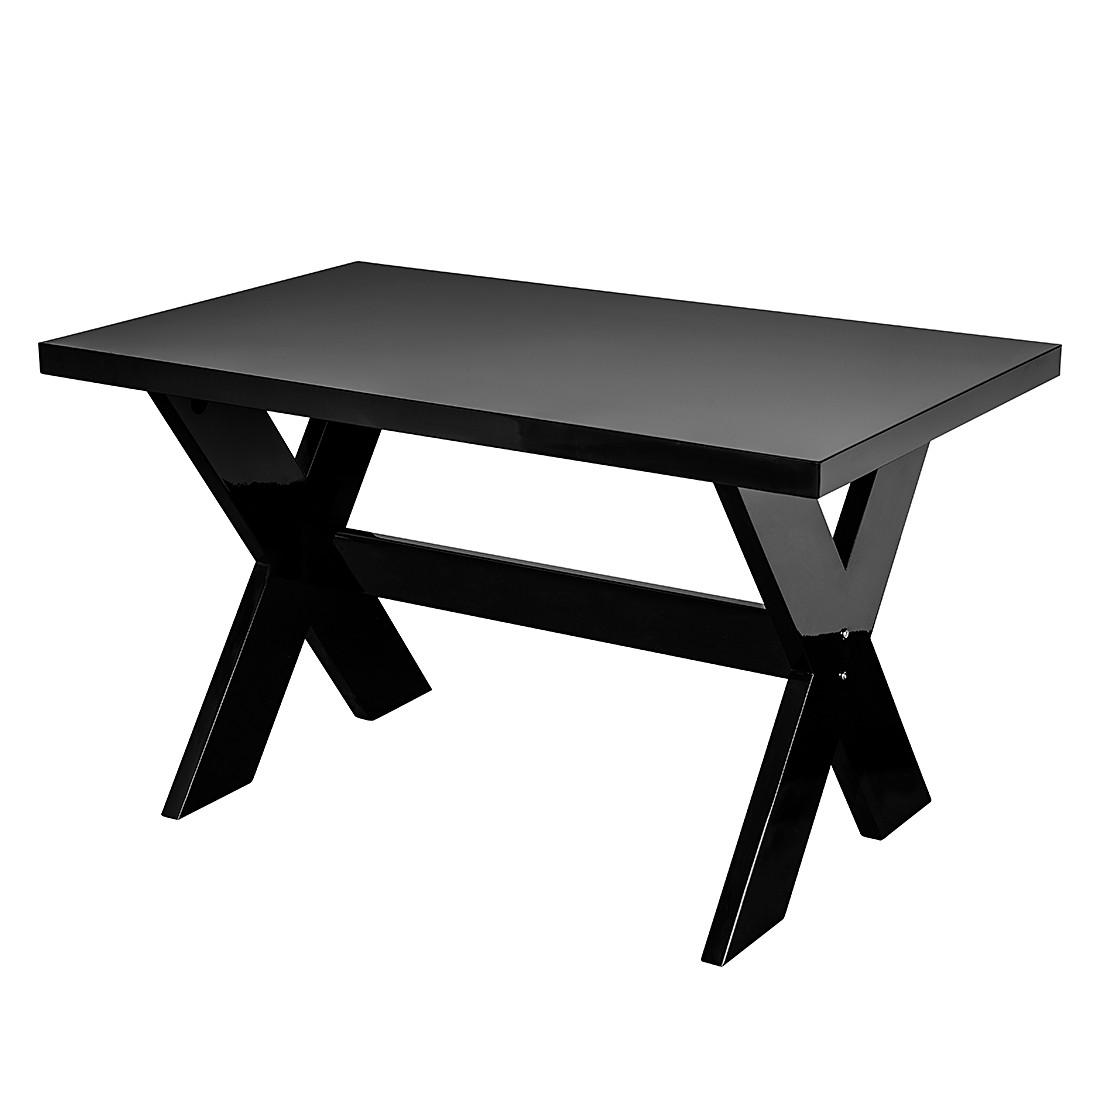 Esstisch schwarz hochglanz design for Esstisch schwarz hochglanz